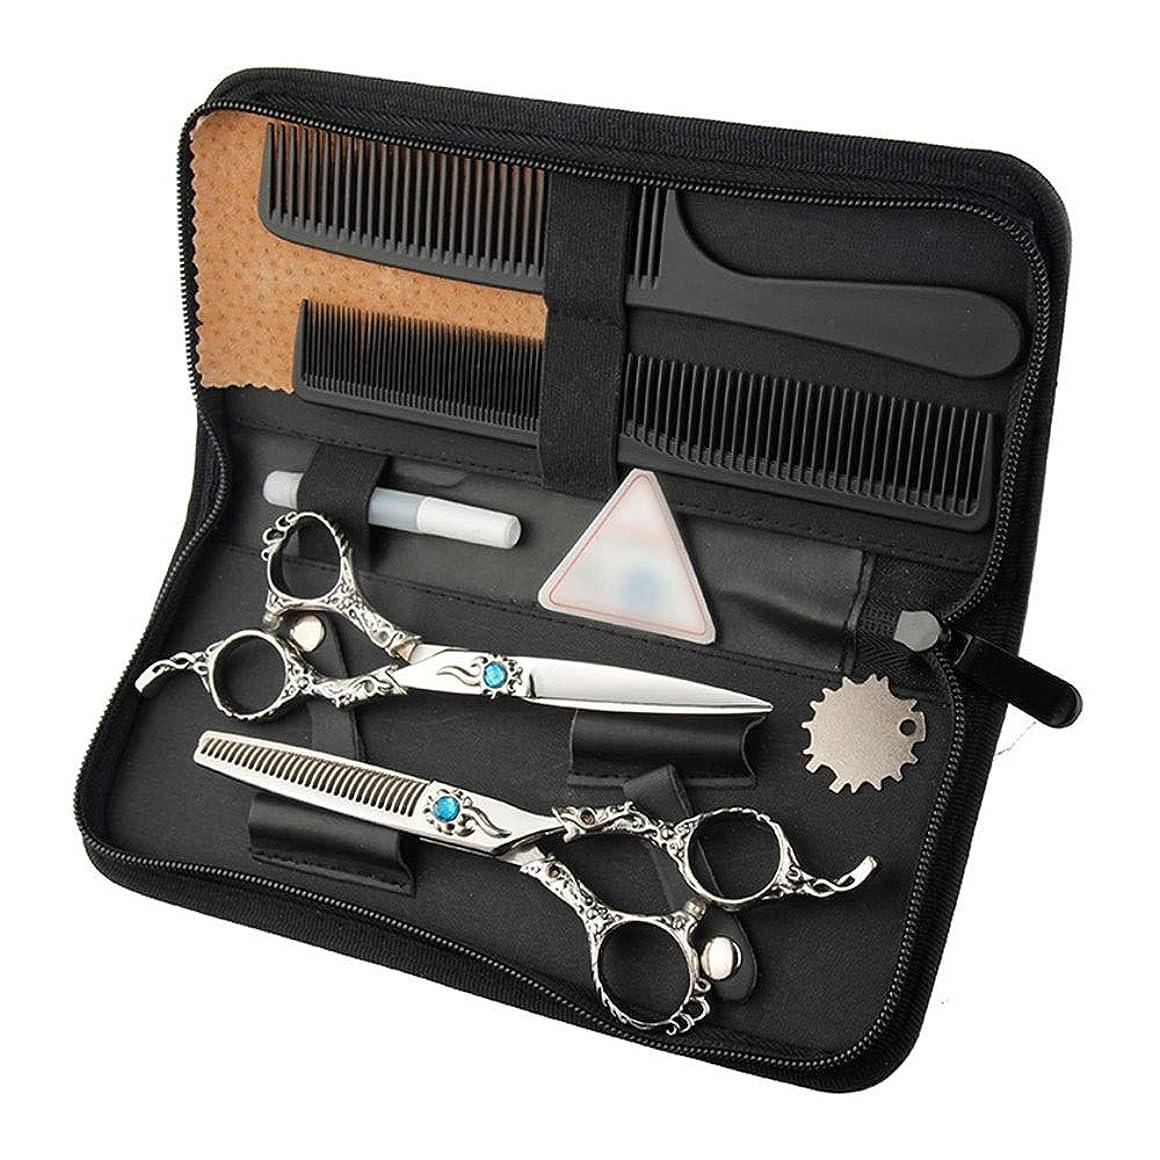 セグメント理想的には到着6インチ美容院プロフェッショナル理髪セット、フラットシザー+歯シザーレトロハンドルハサミセット モデリングツール (色 : Silver)